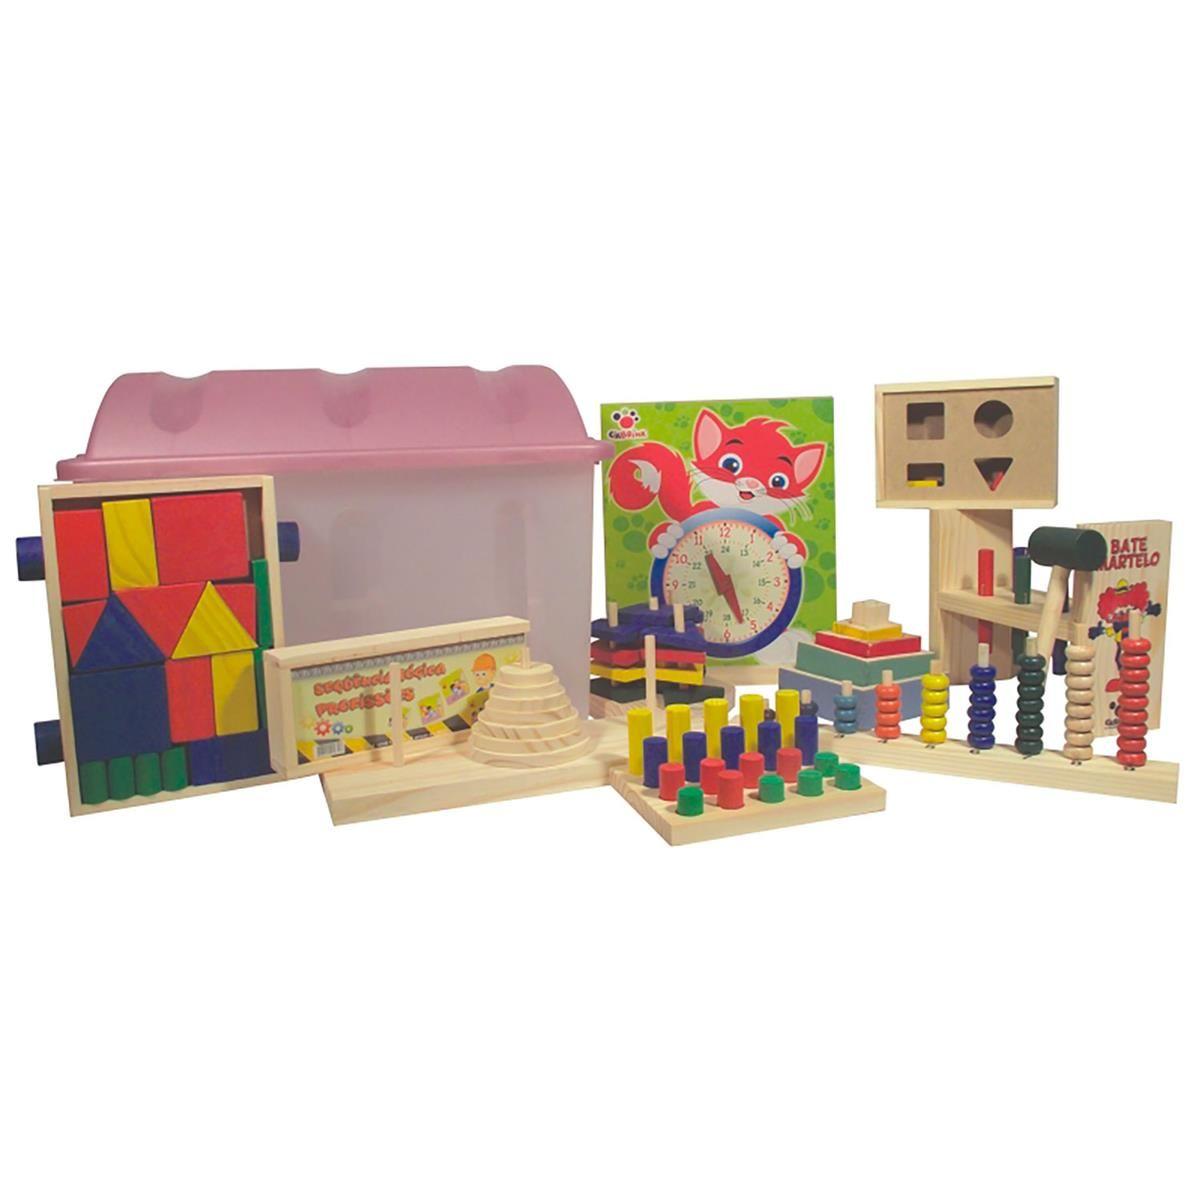 Baú Pedagógico com 10 jogos em madeira - bau plástico